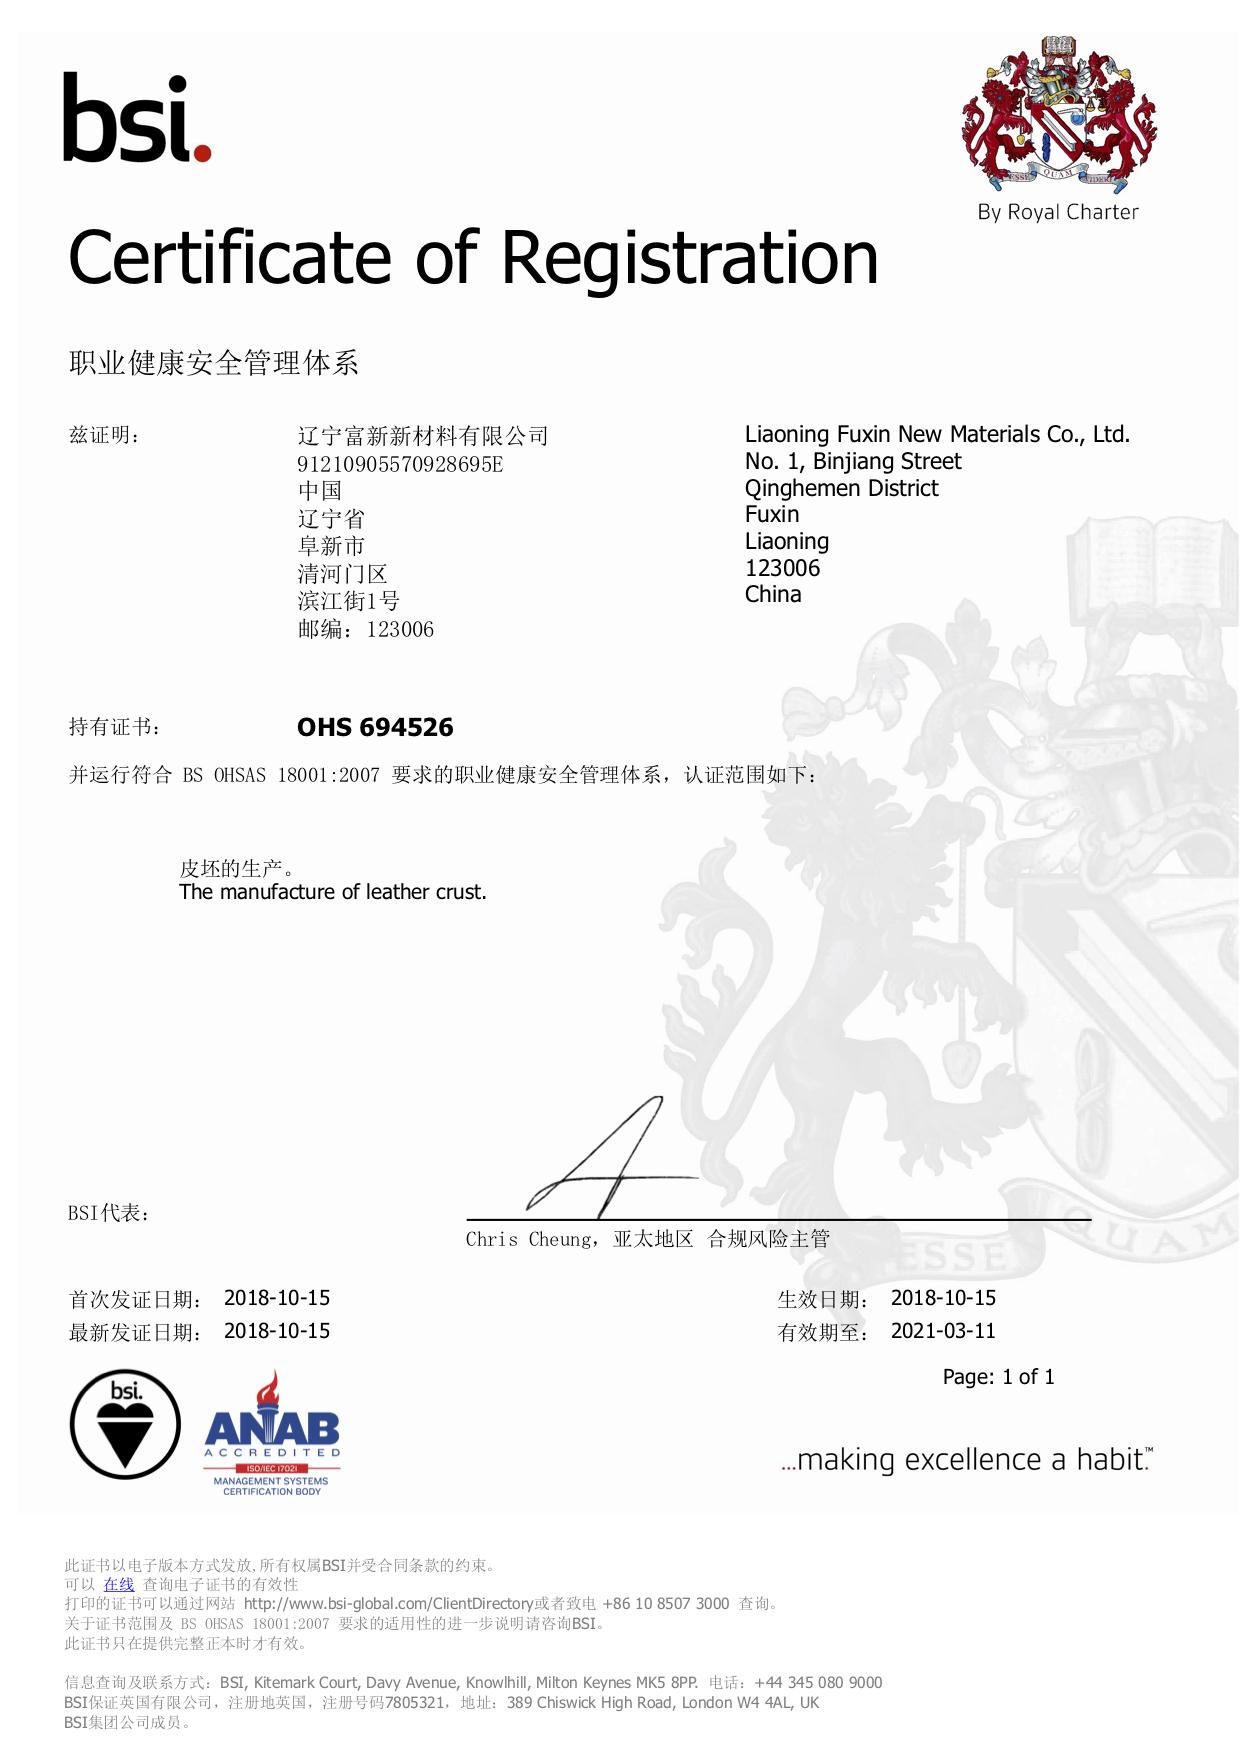 遼寧富新-OHS694526-職業健康安全體系